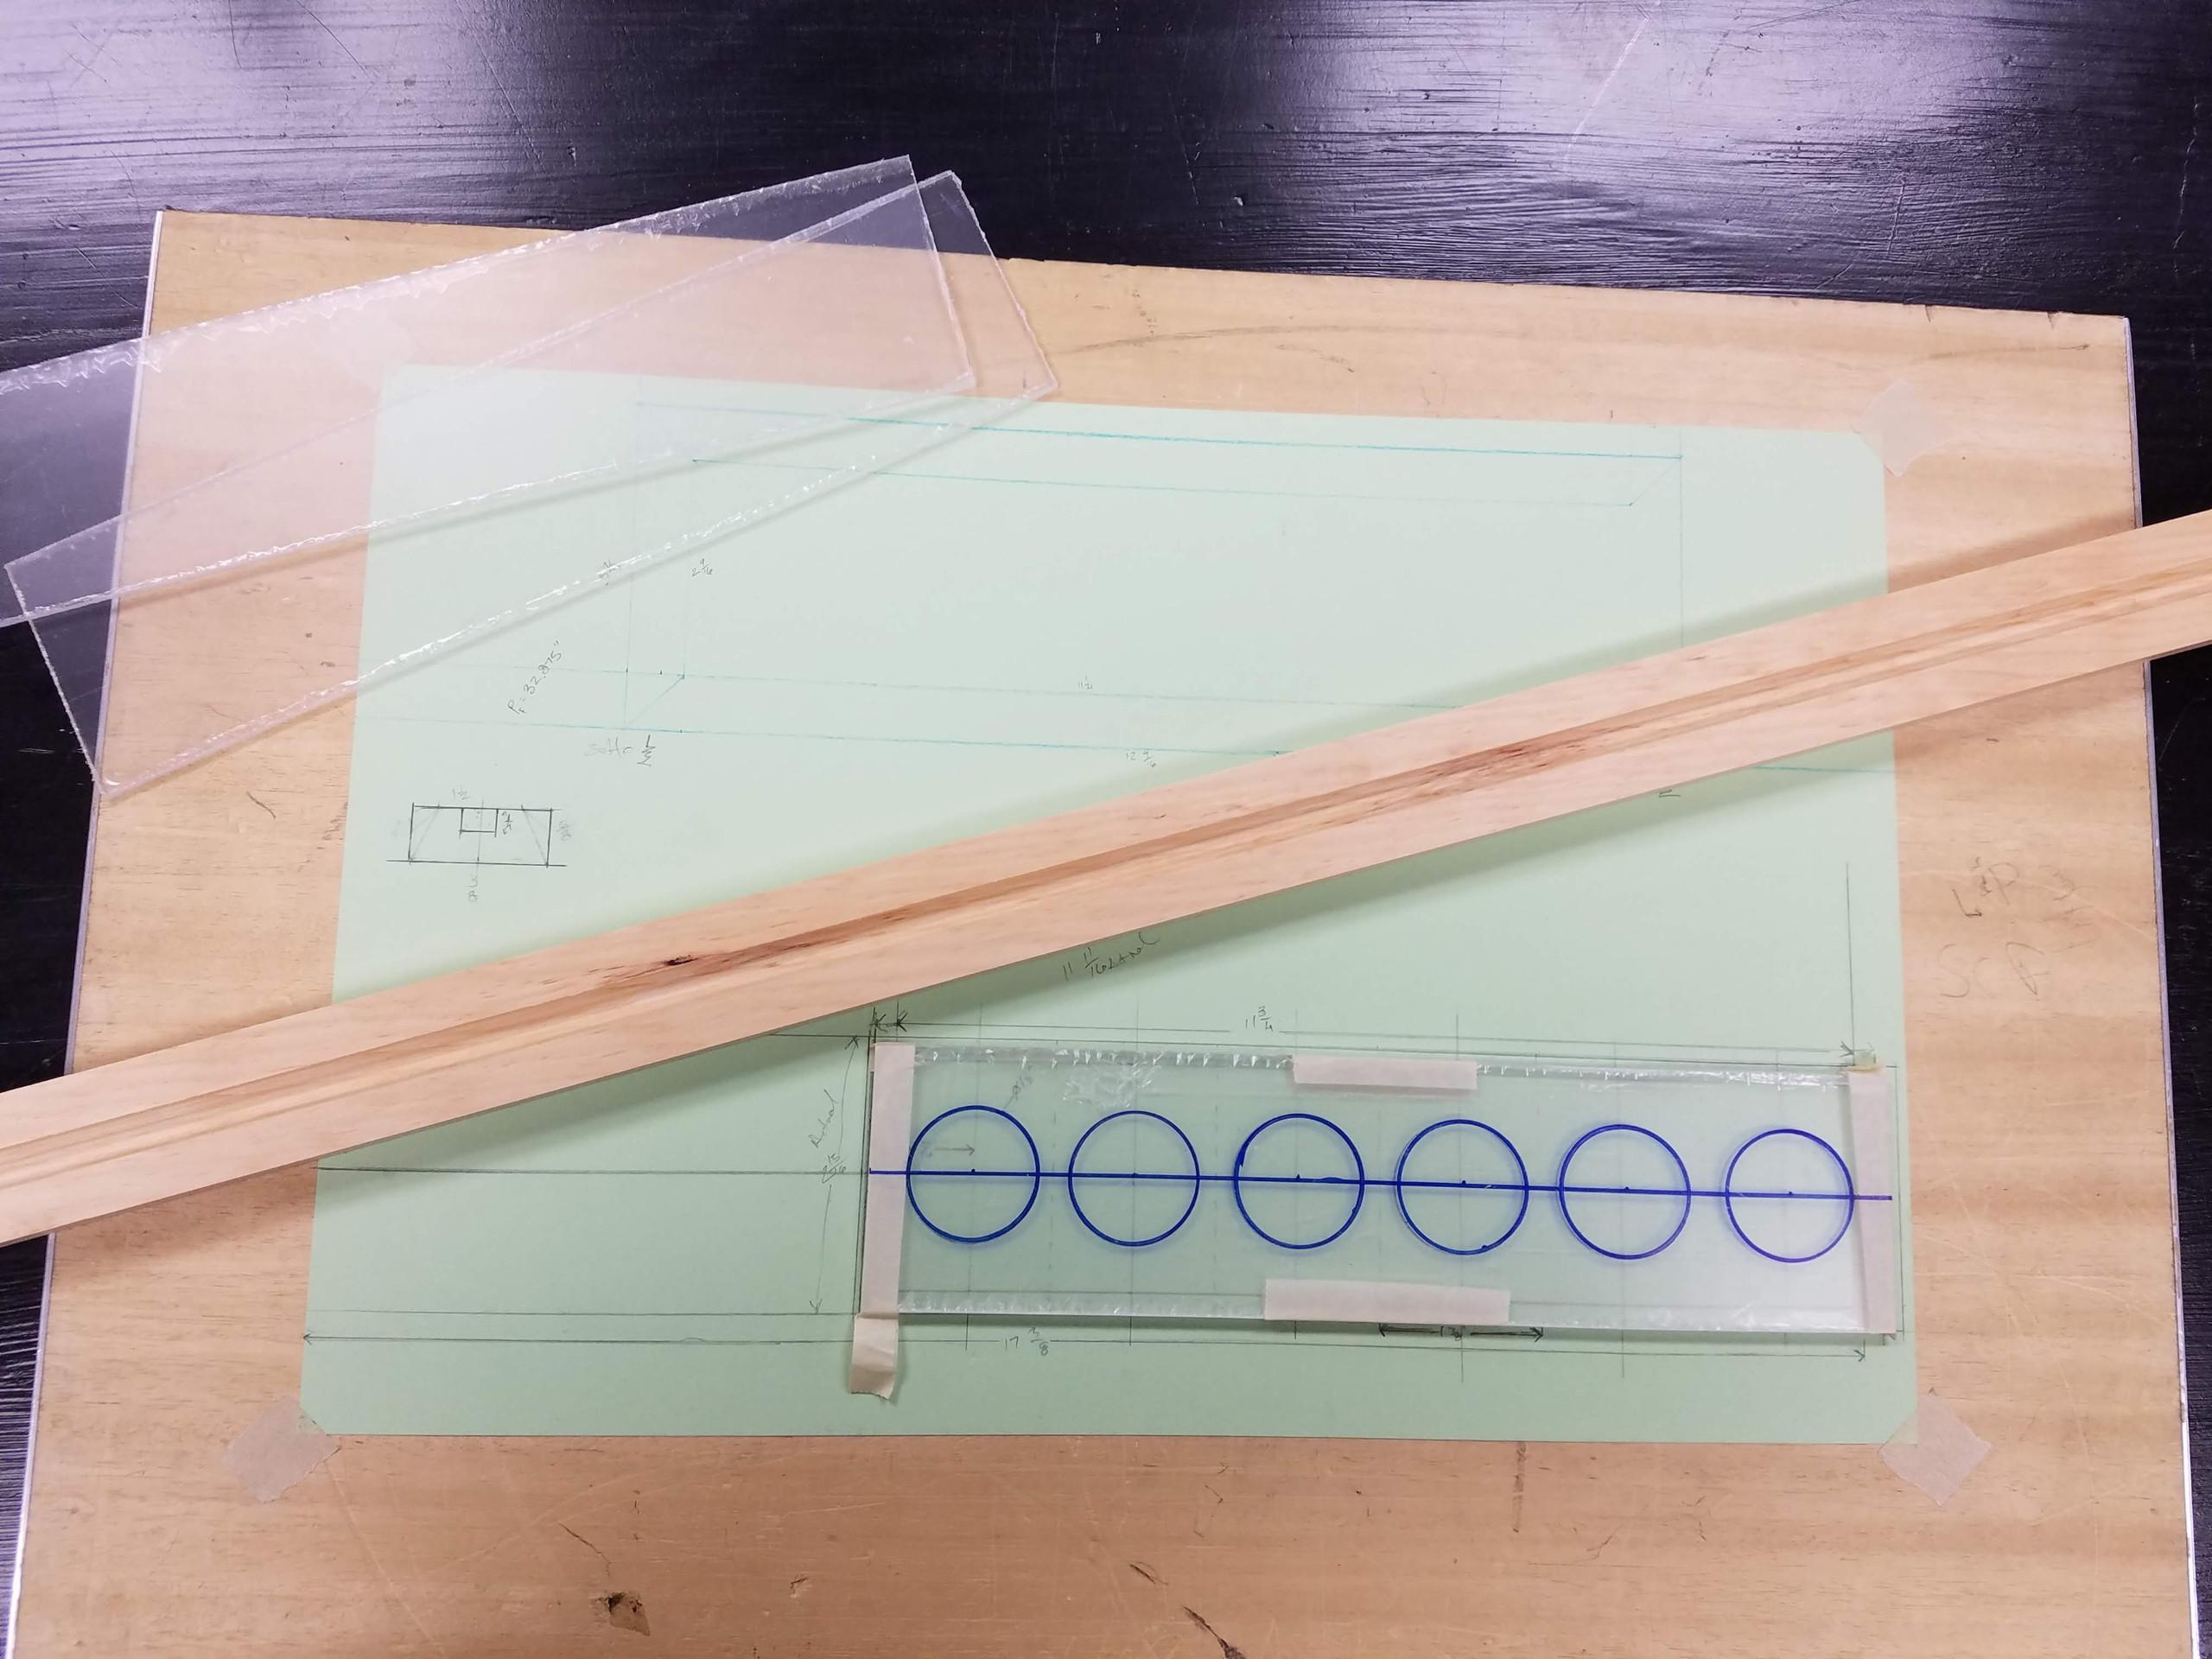 drafting board, Plexiglas